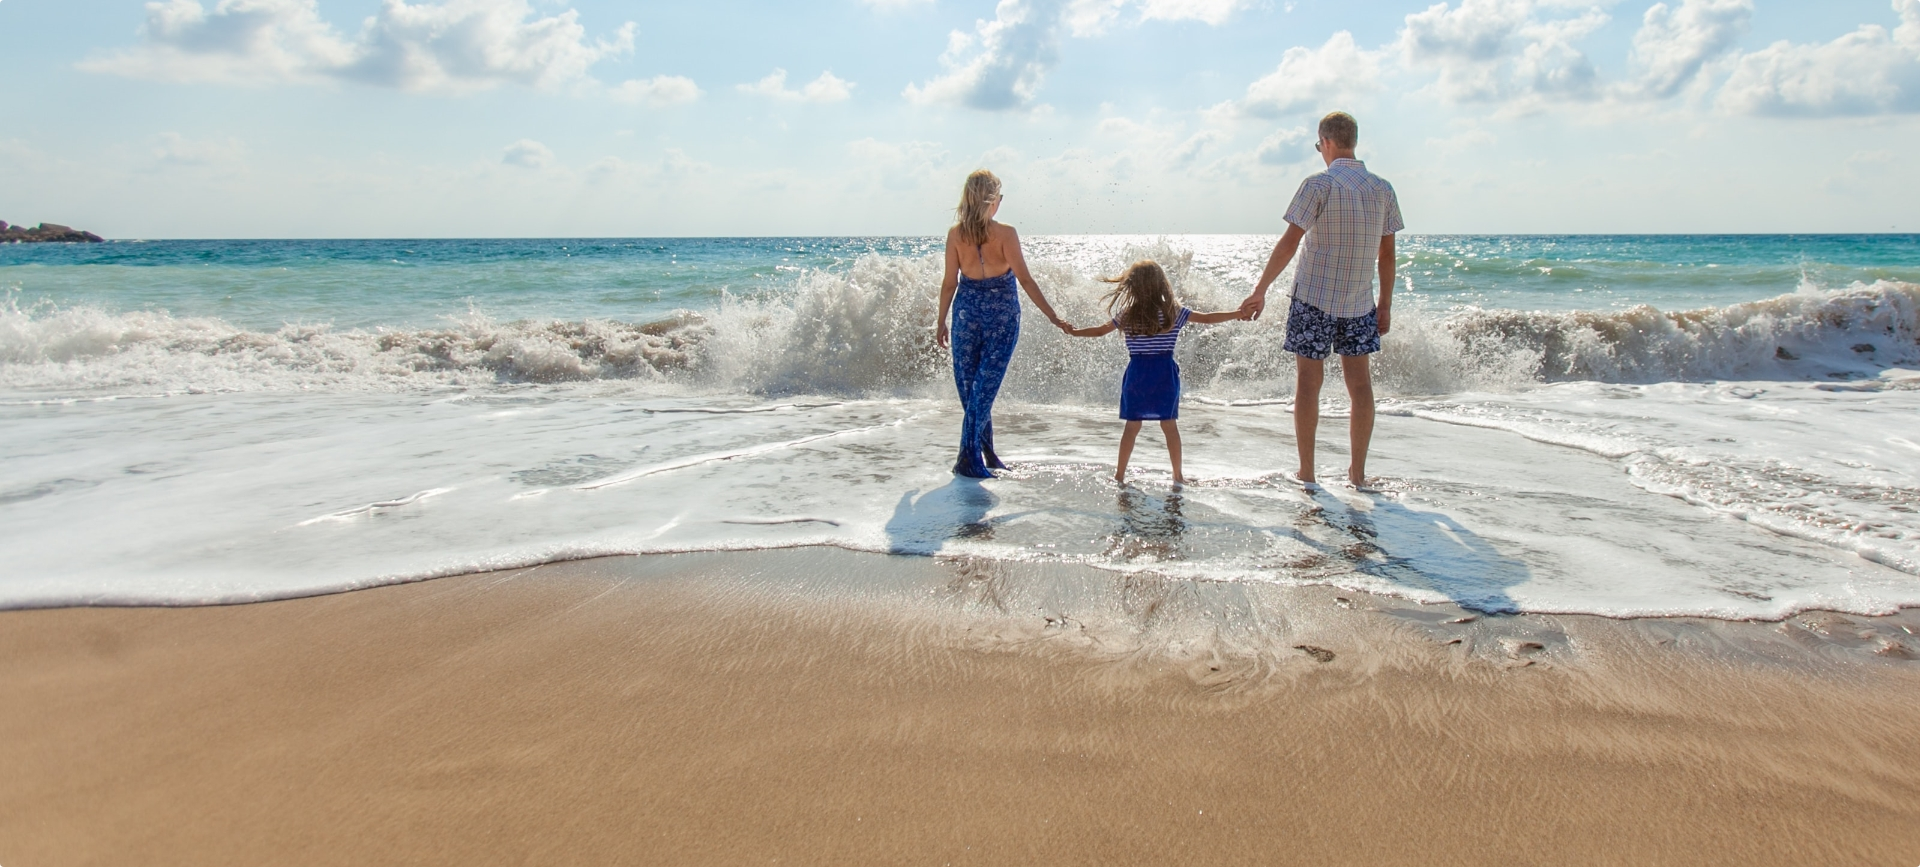 Les Pieds Dans L'eau : Famille plage mer